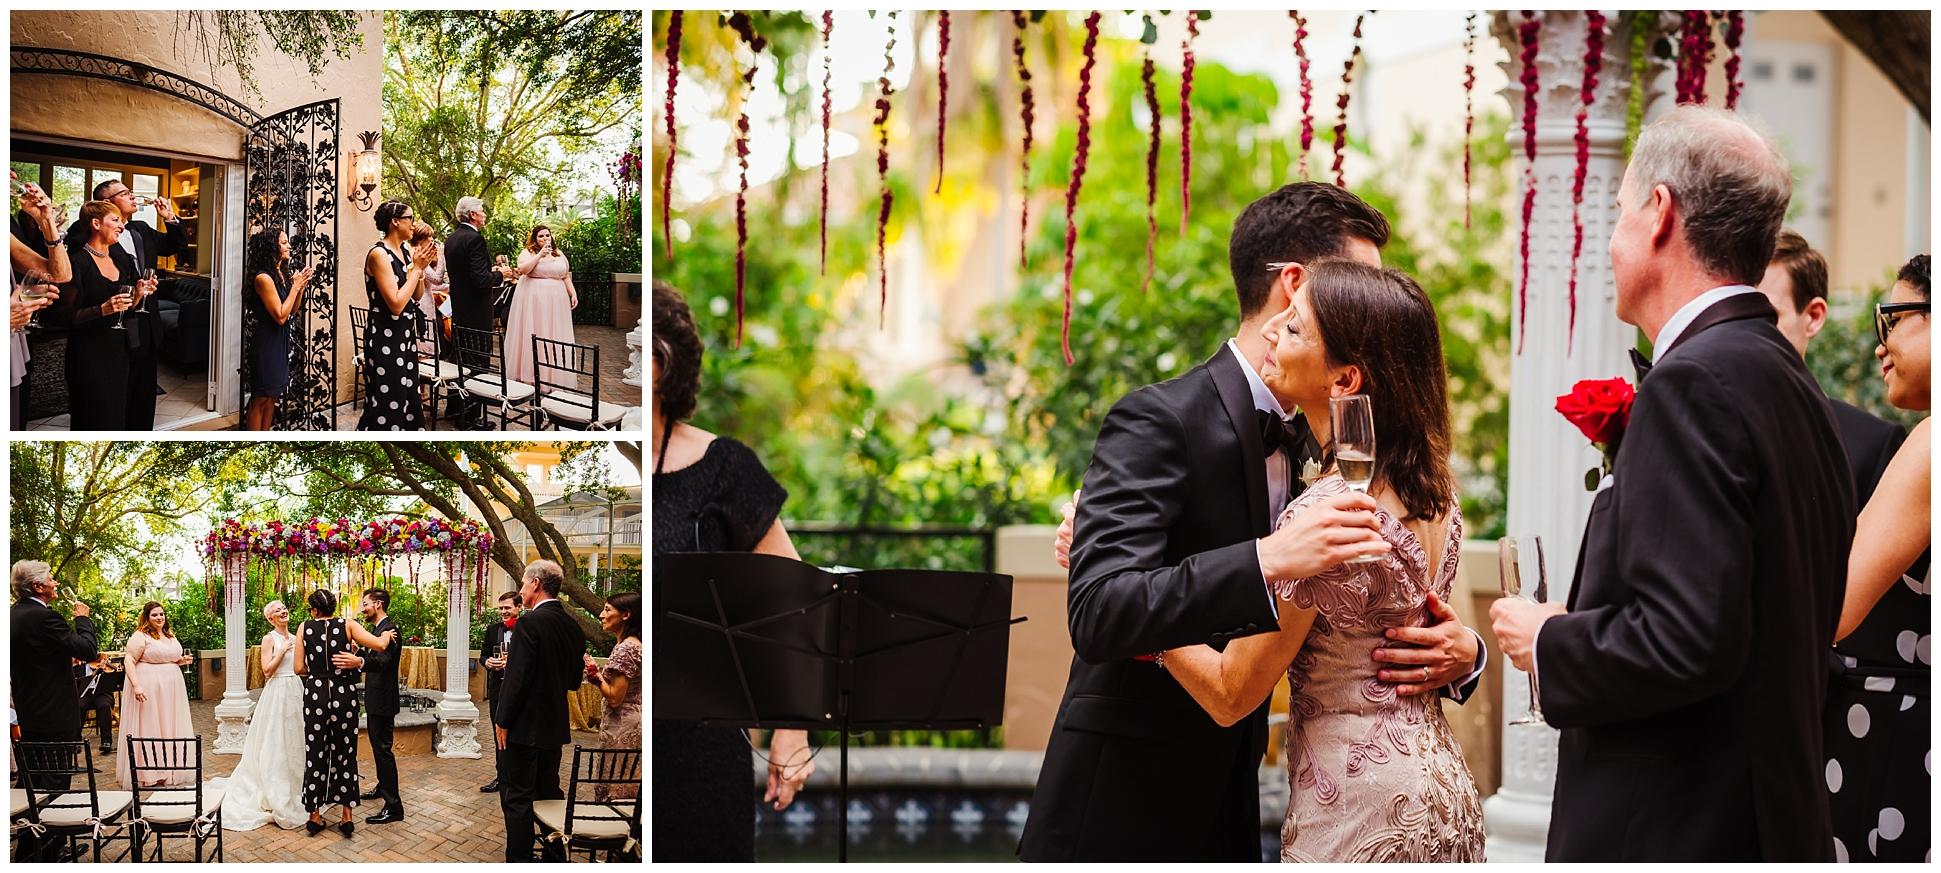 tierra-verde-st-pete-florida-home-luxury-wedding-greenery-pink-pixie-bride_0062.jpg